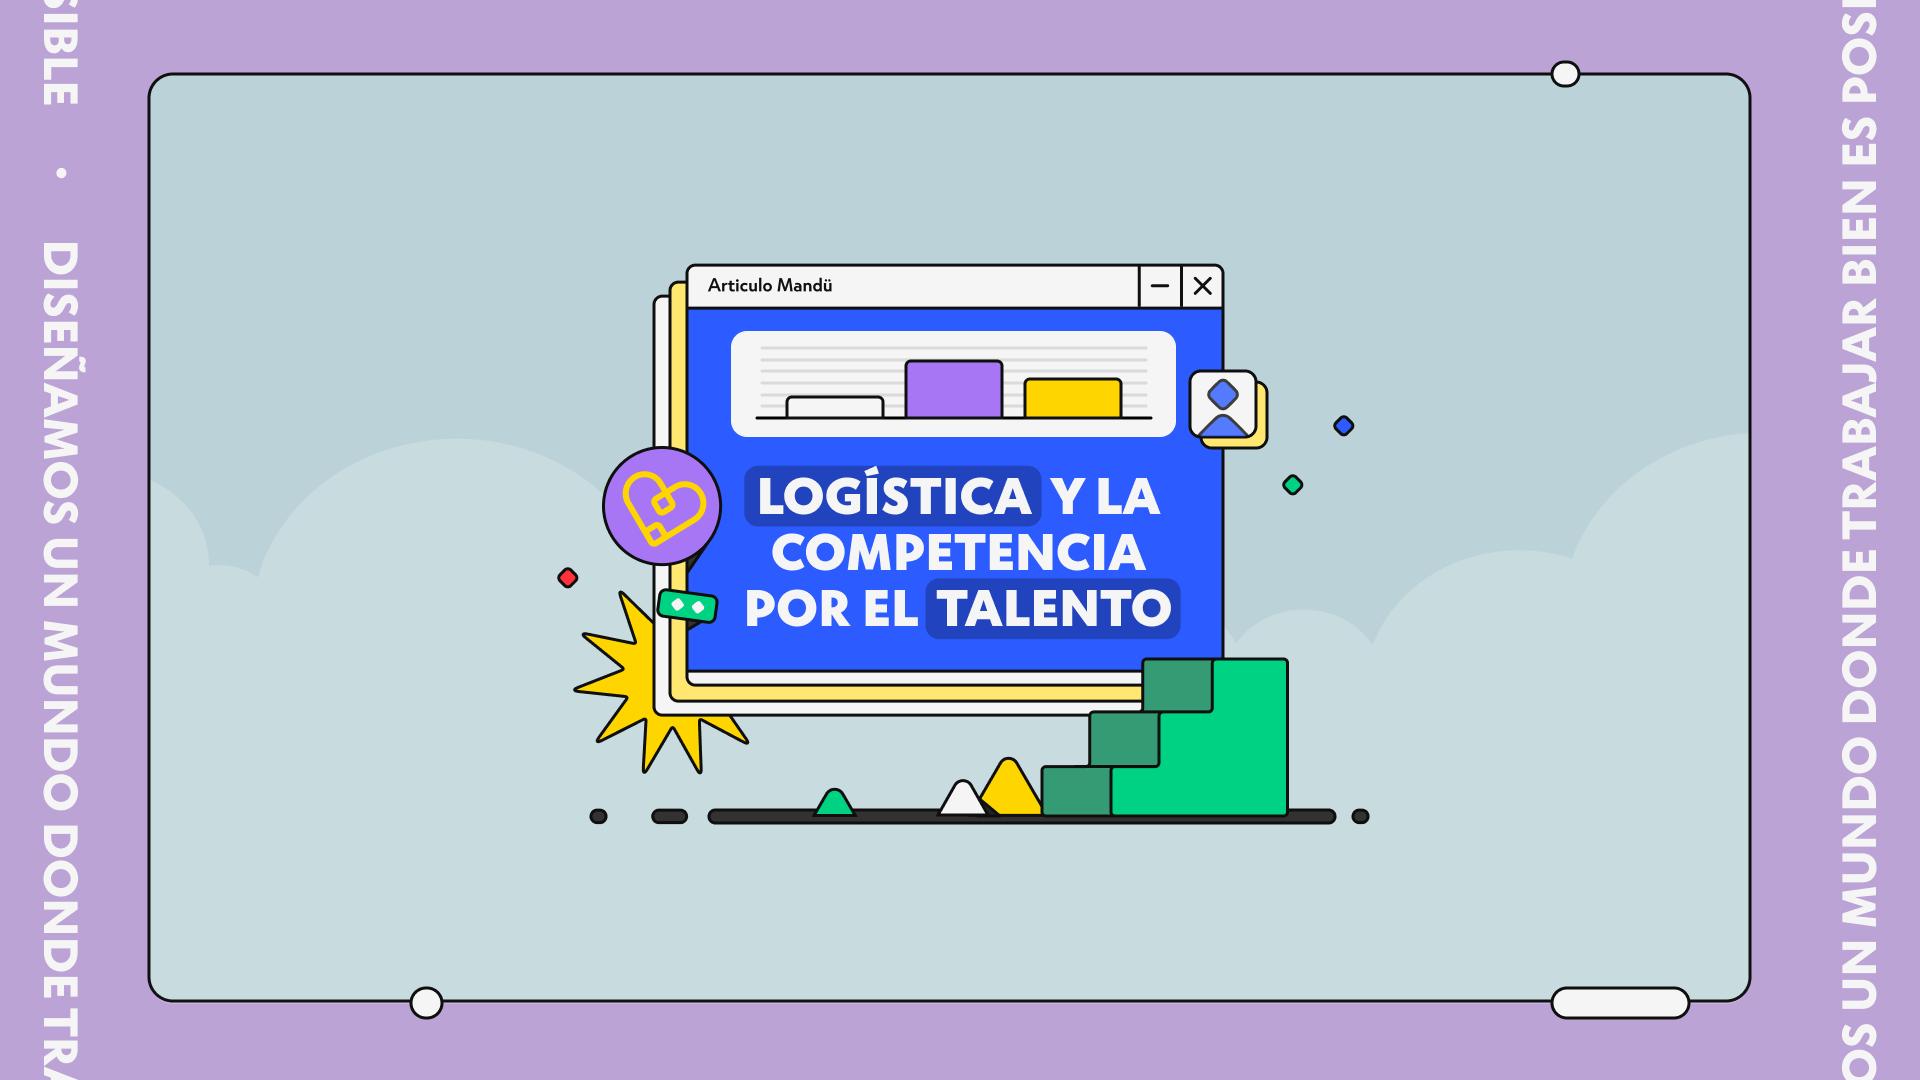 La competencia por el talento logístico